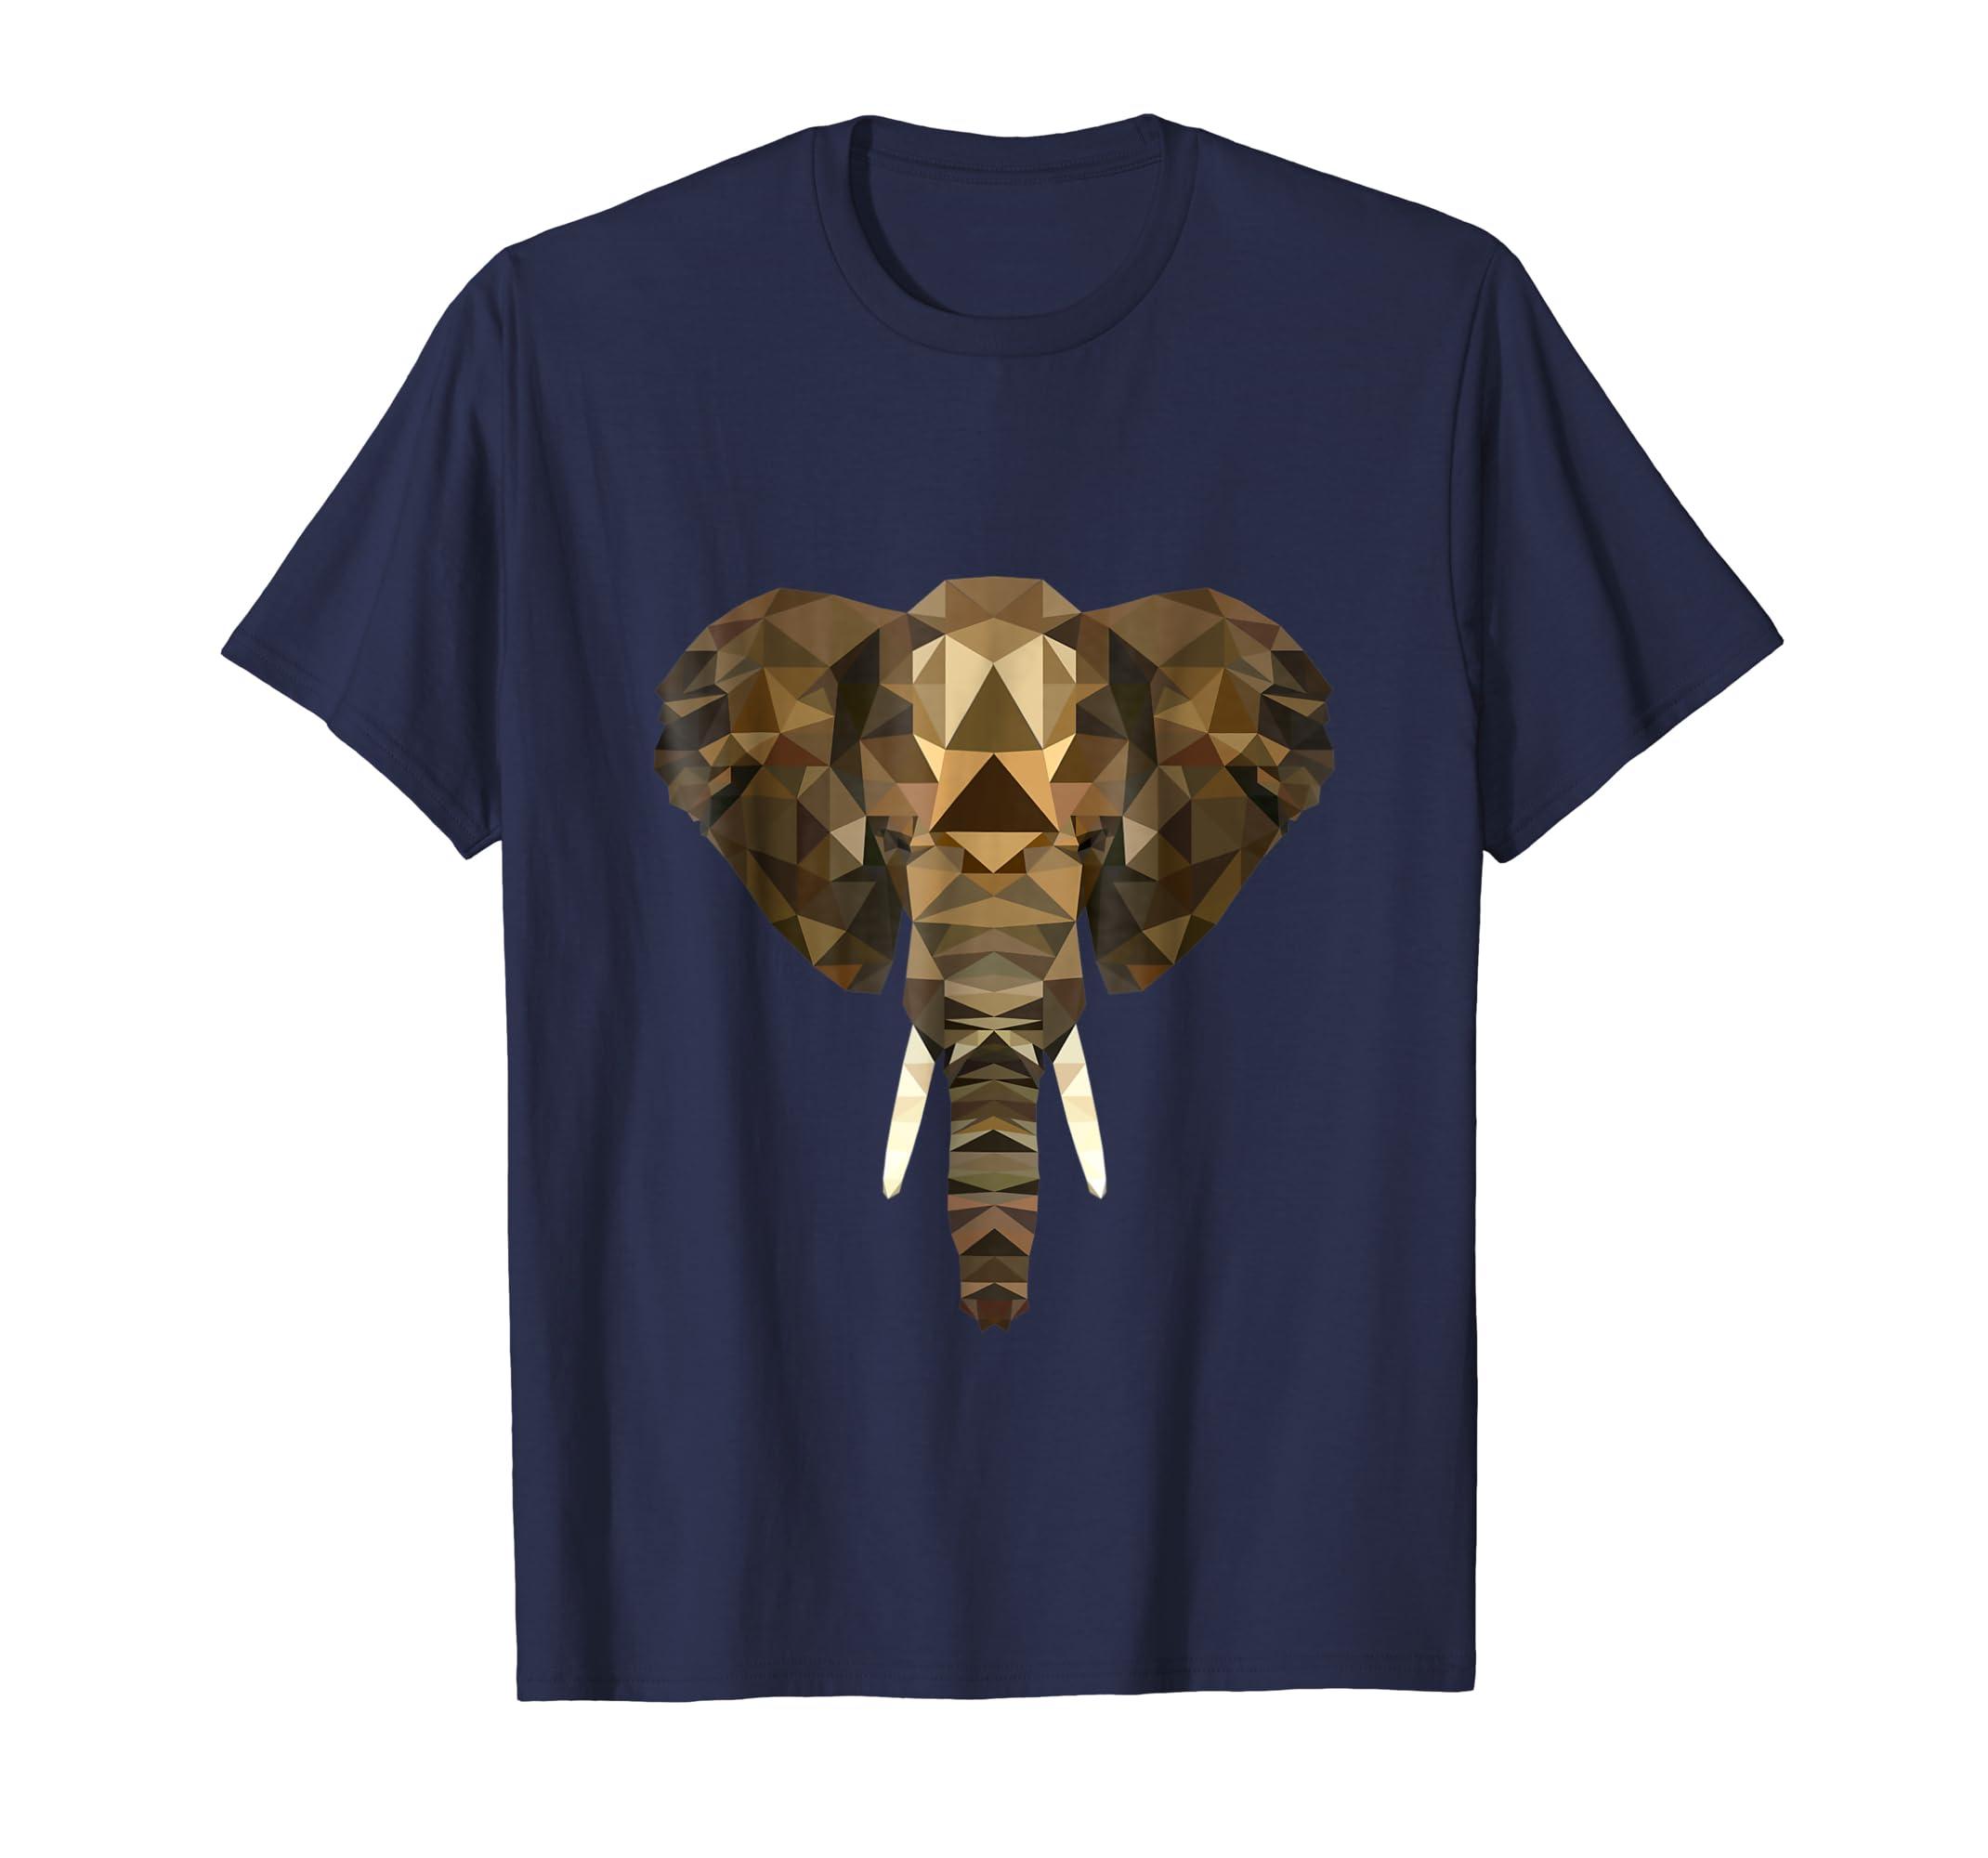 Elephant Shirt for Women, Men, Boys And Girls-AZP